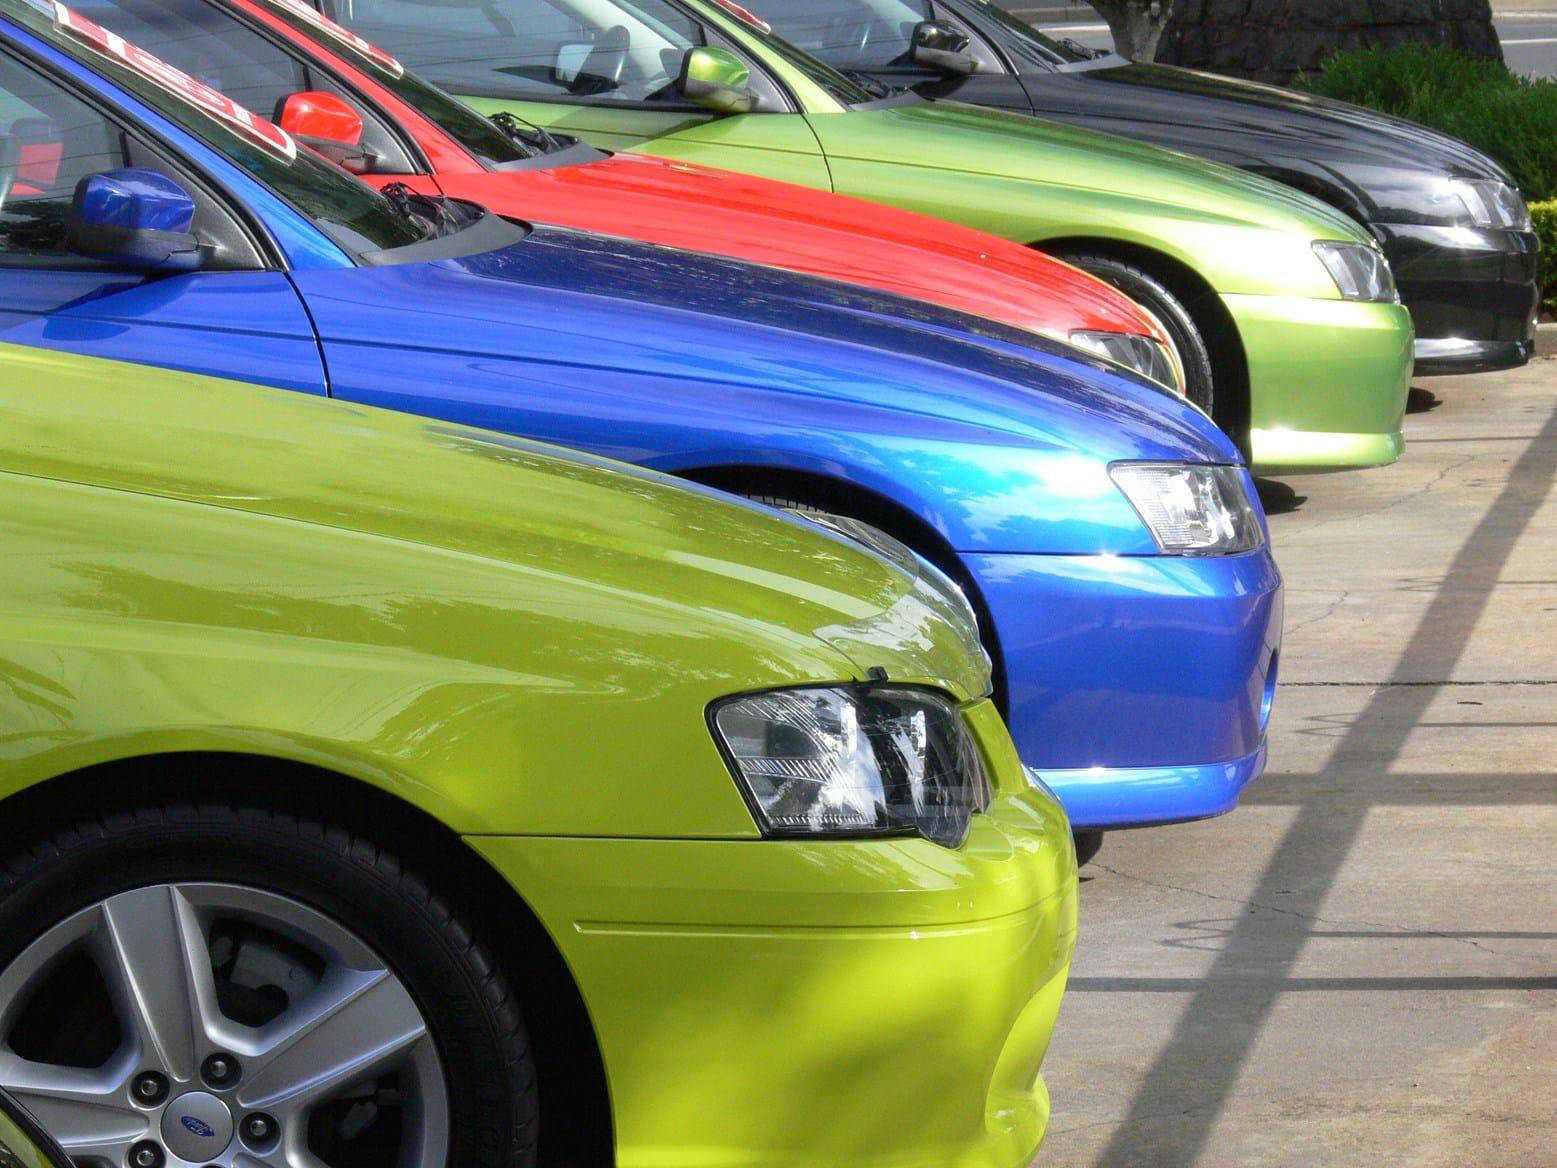 Классный цвет машины